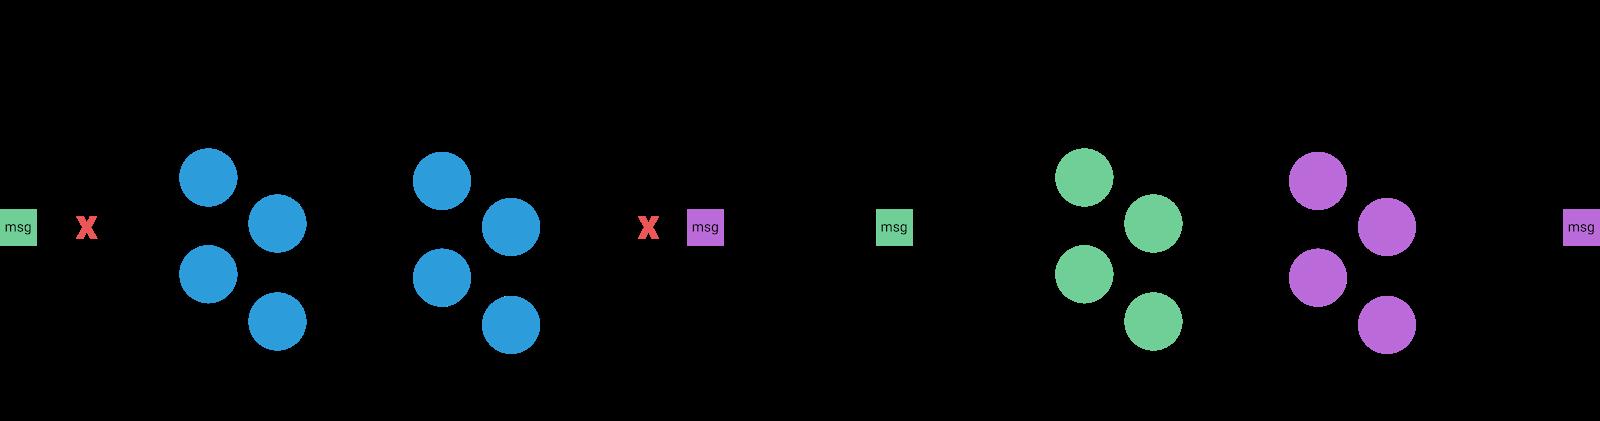 区块链共识机制中的最终性(Finality)